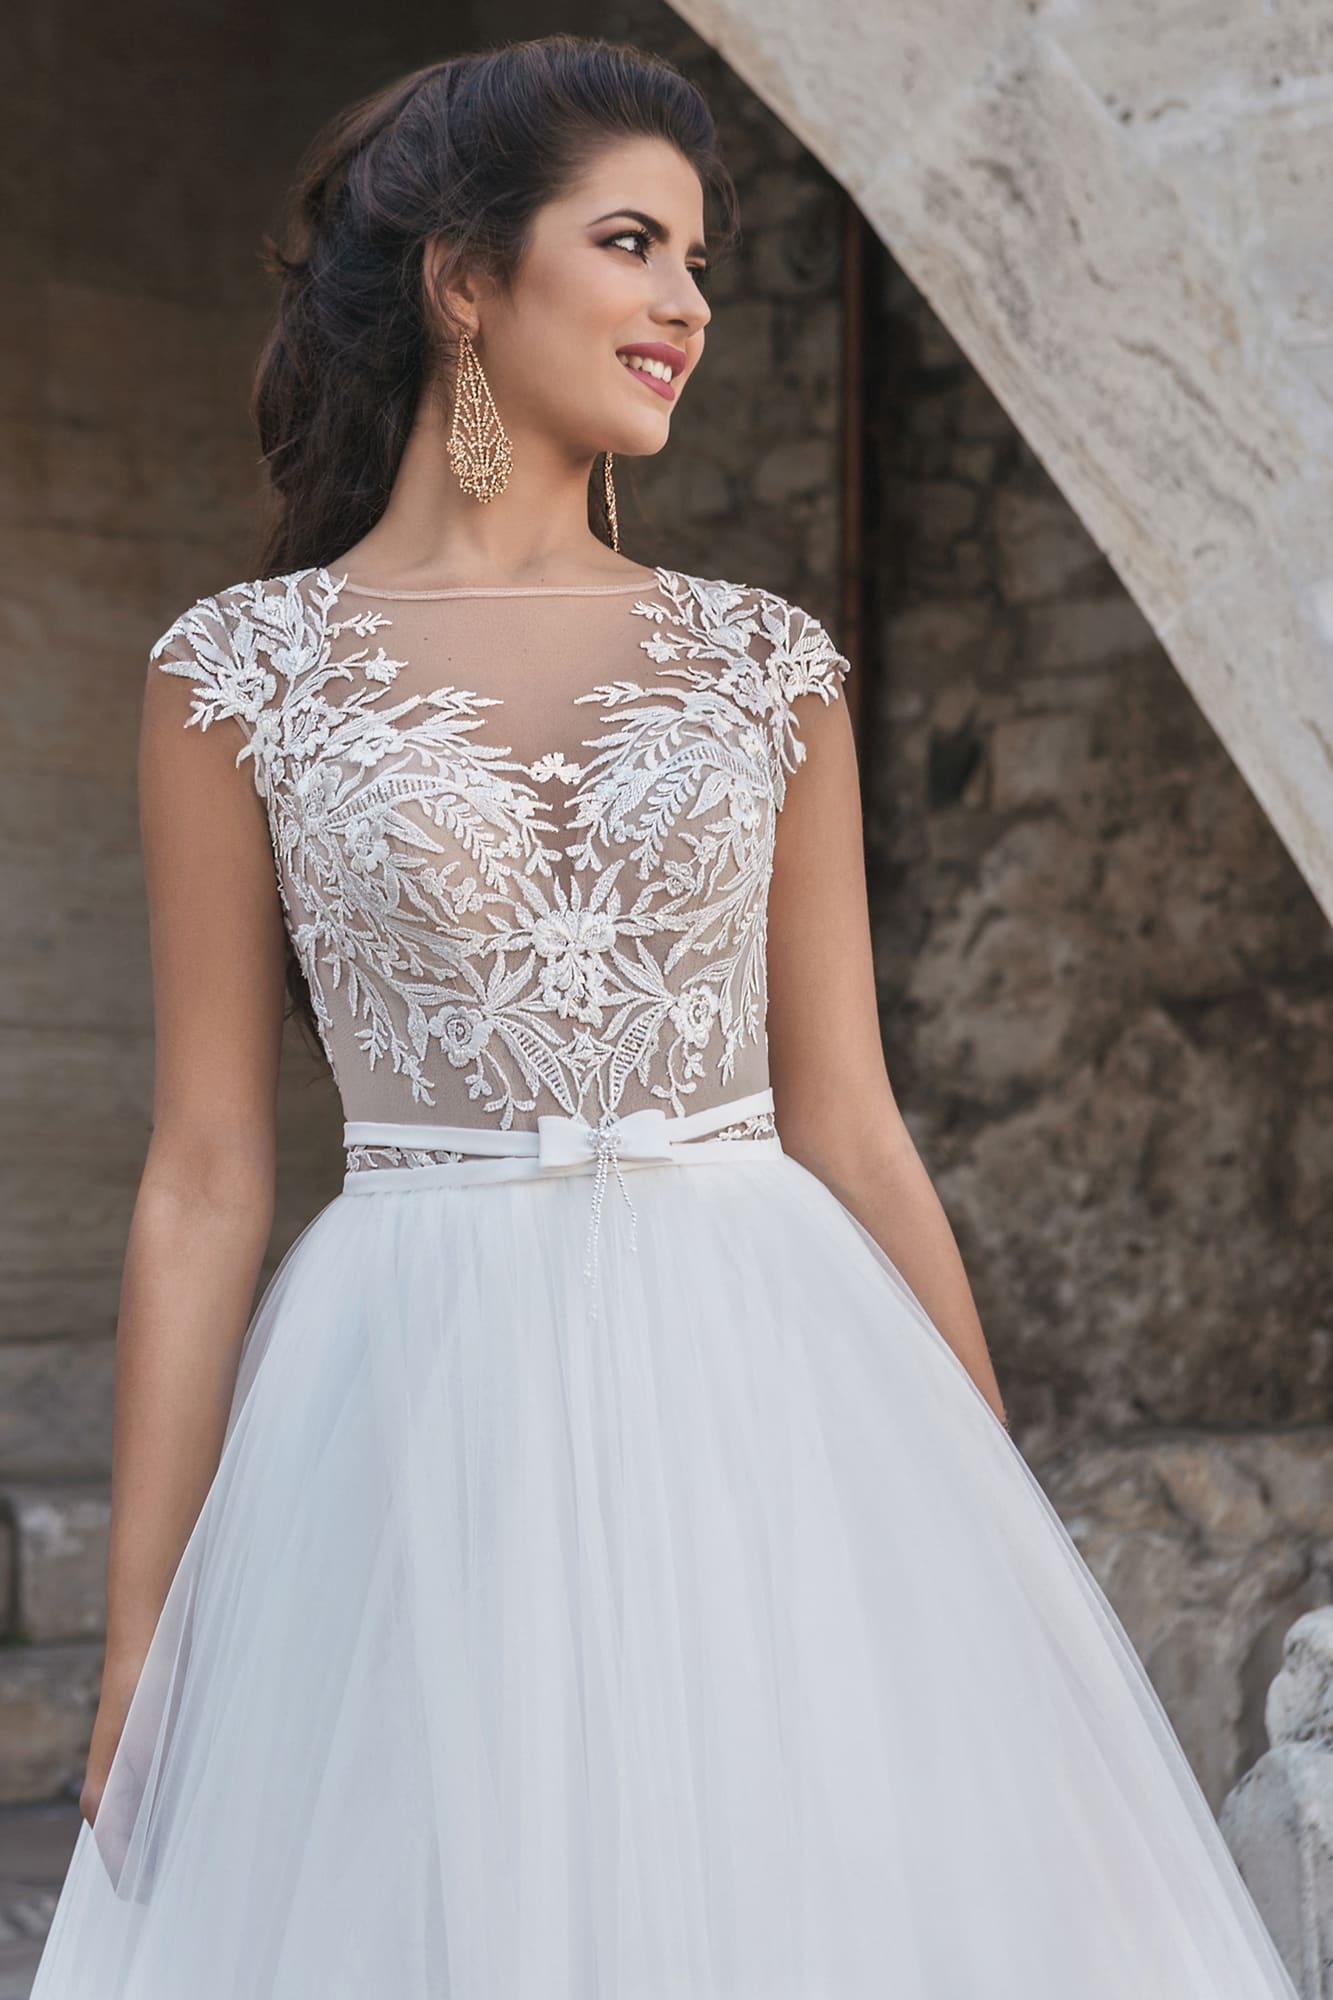 Романтичное свадебное платье с многослойной юбкой и полупрозрачным лифом без рукава.